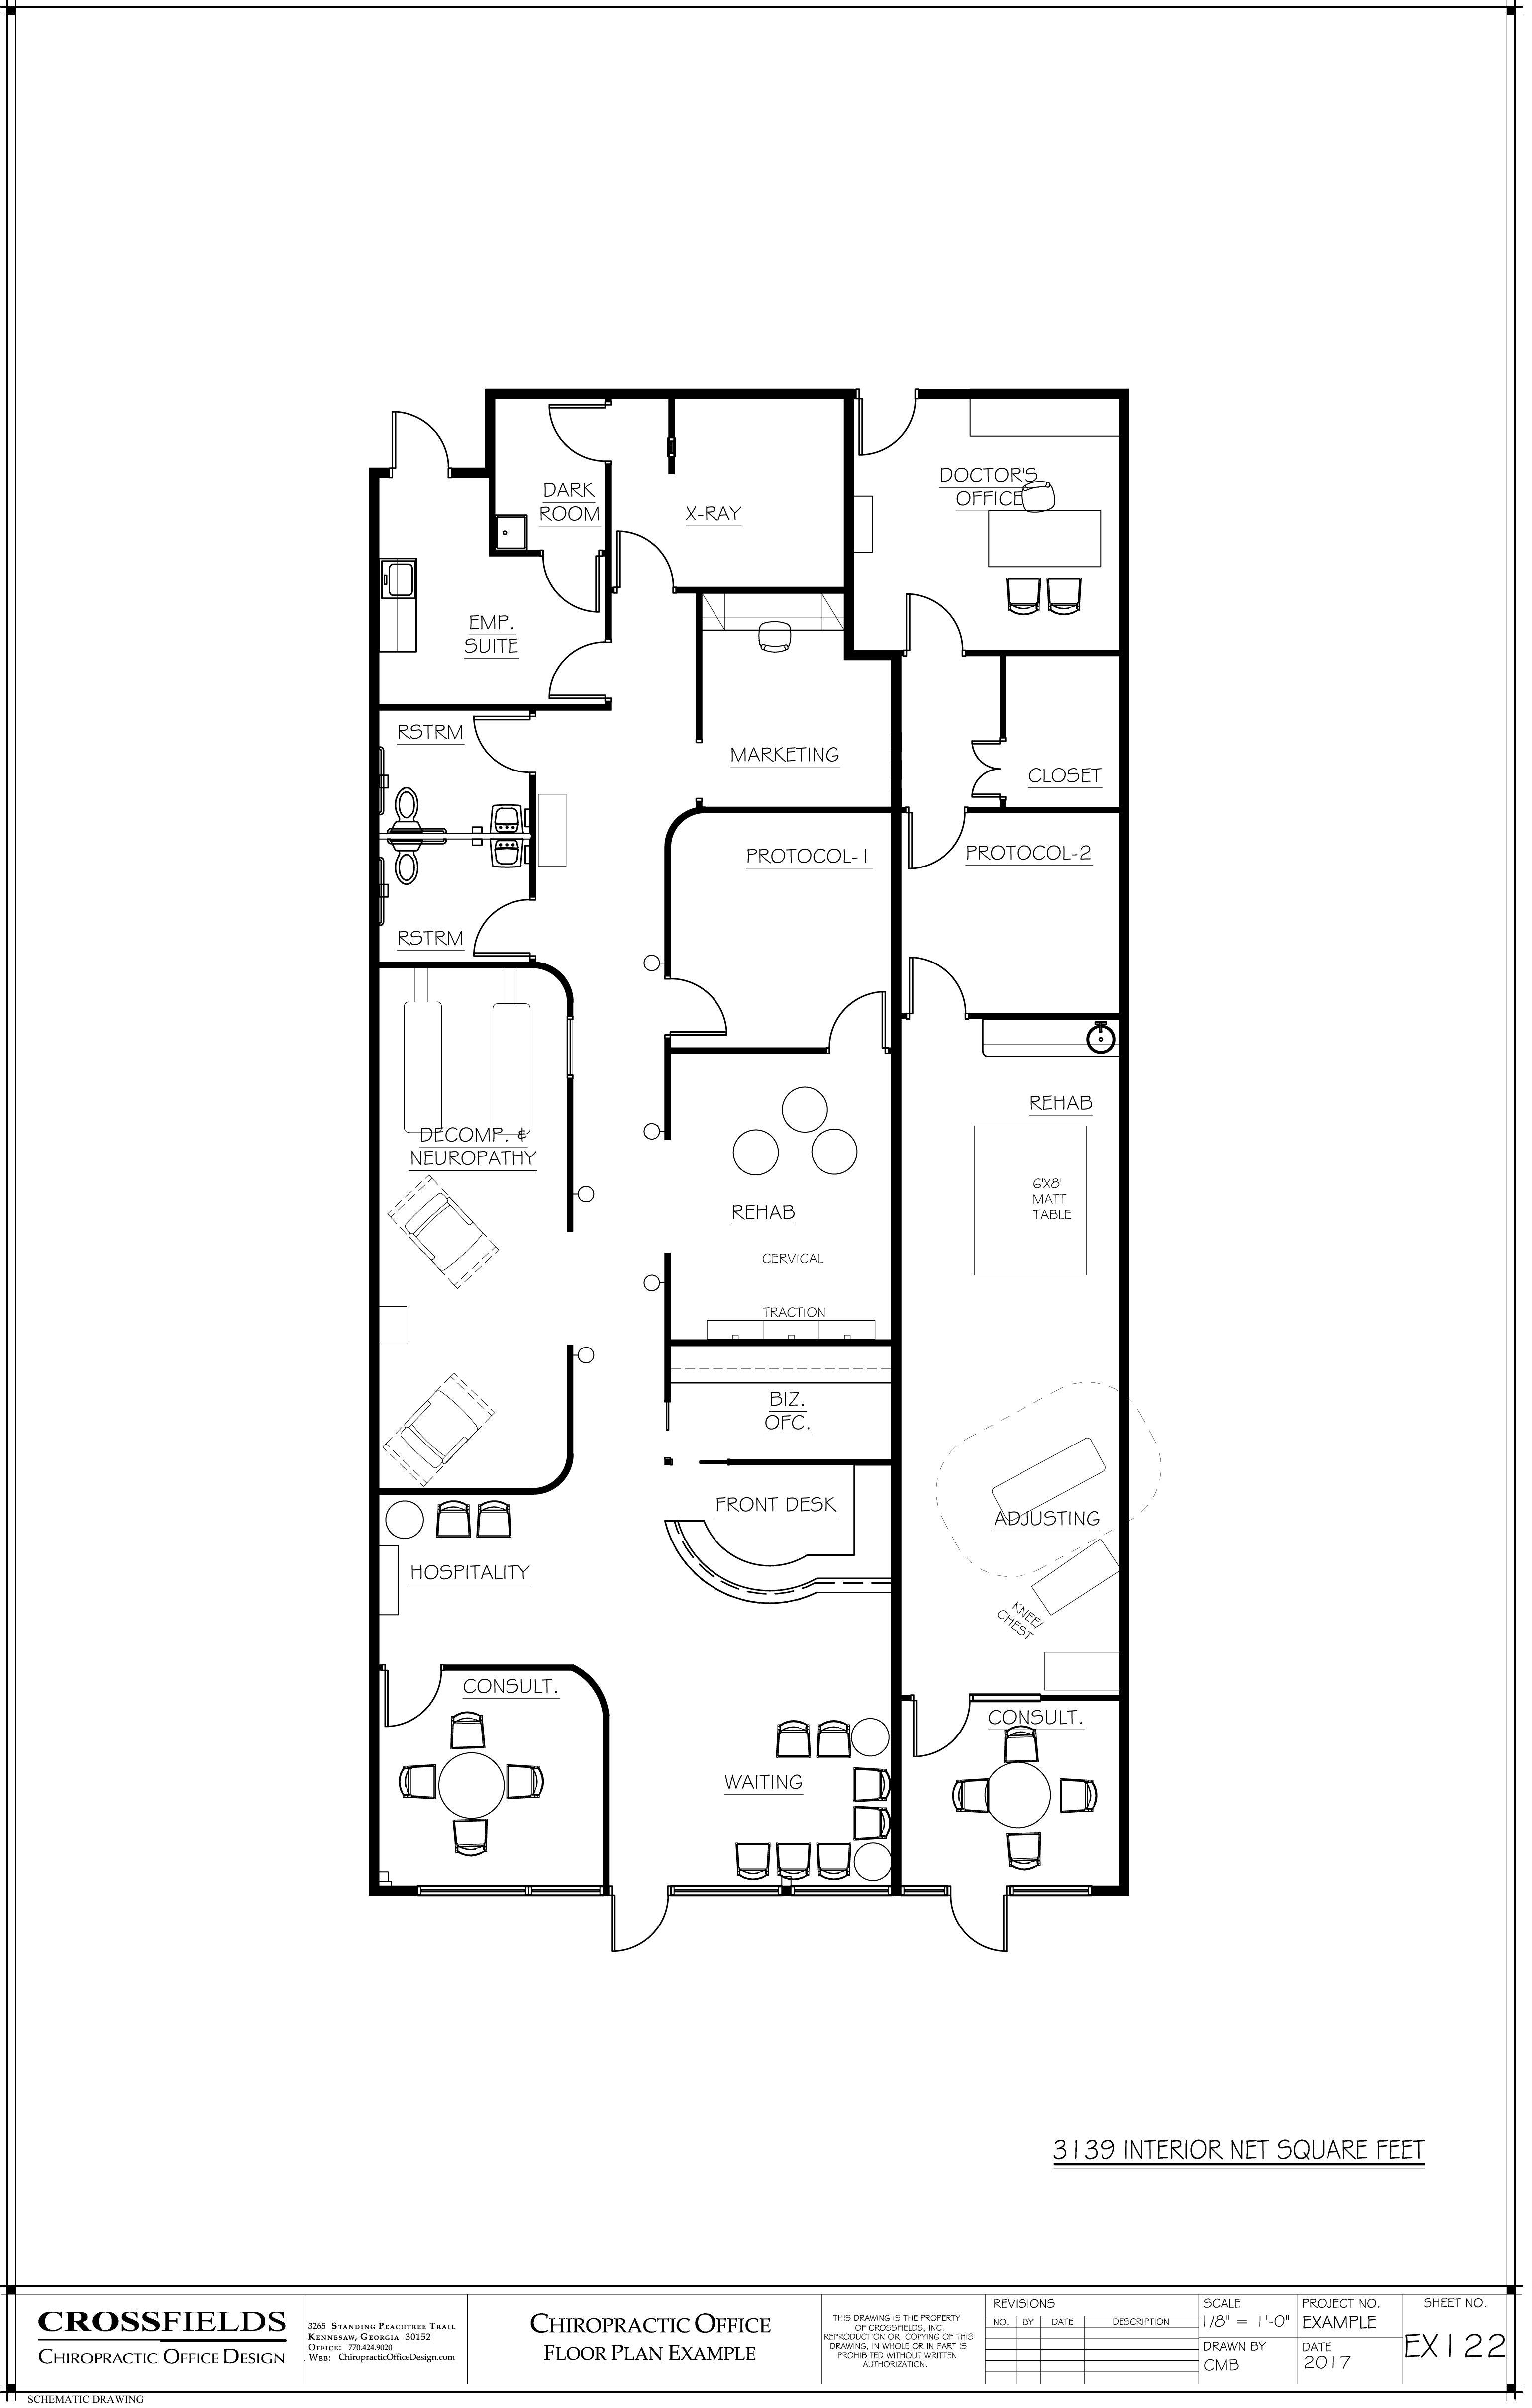 Chiropractic Office Floor Plans Versatile Medical Office Layouts Office Floor Plan Floor Plans Custom Floor Plans